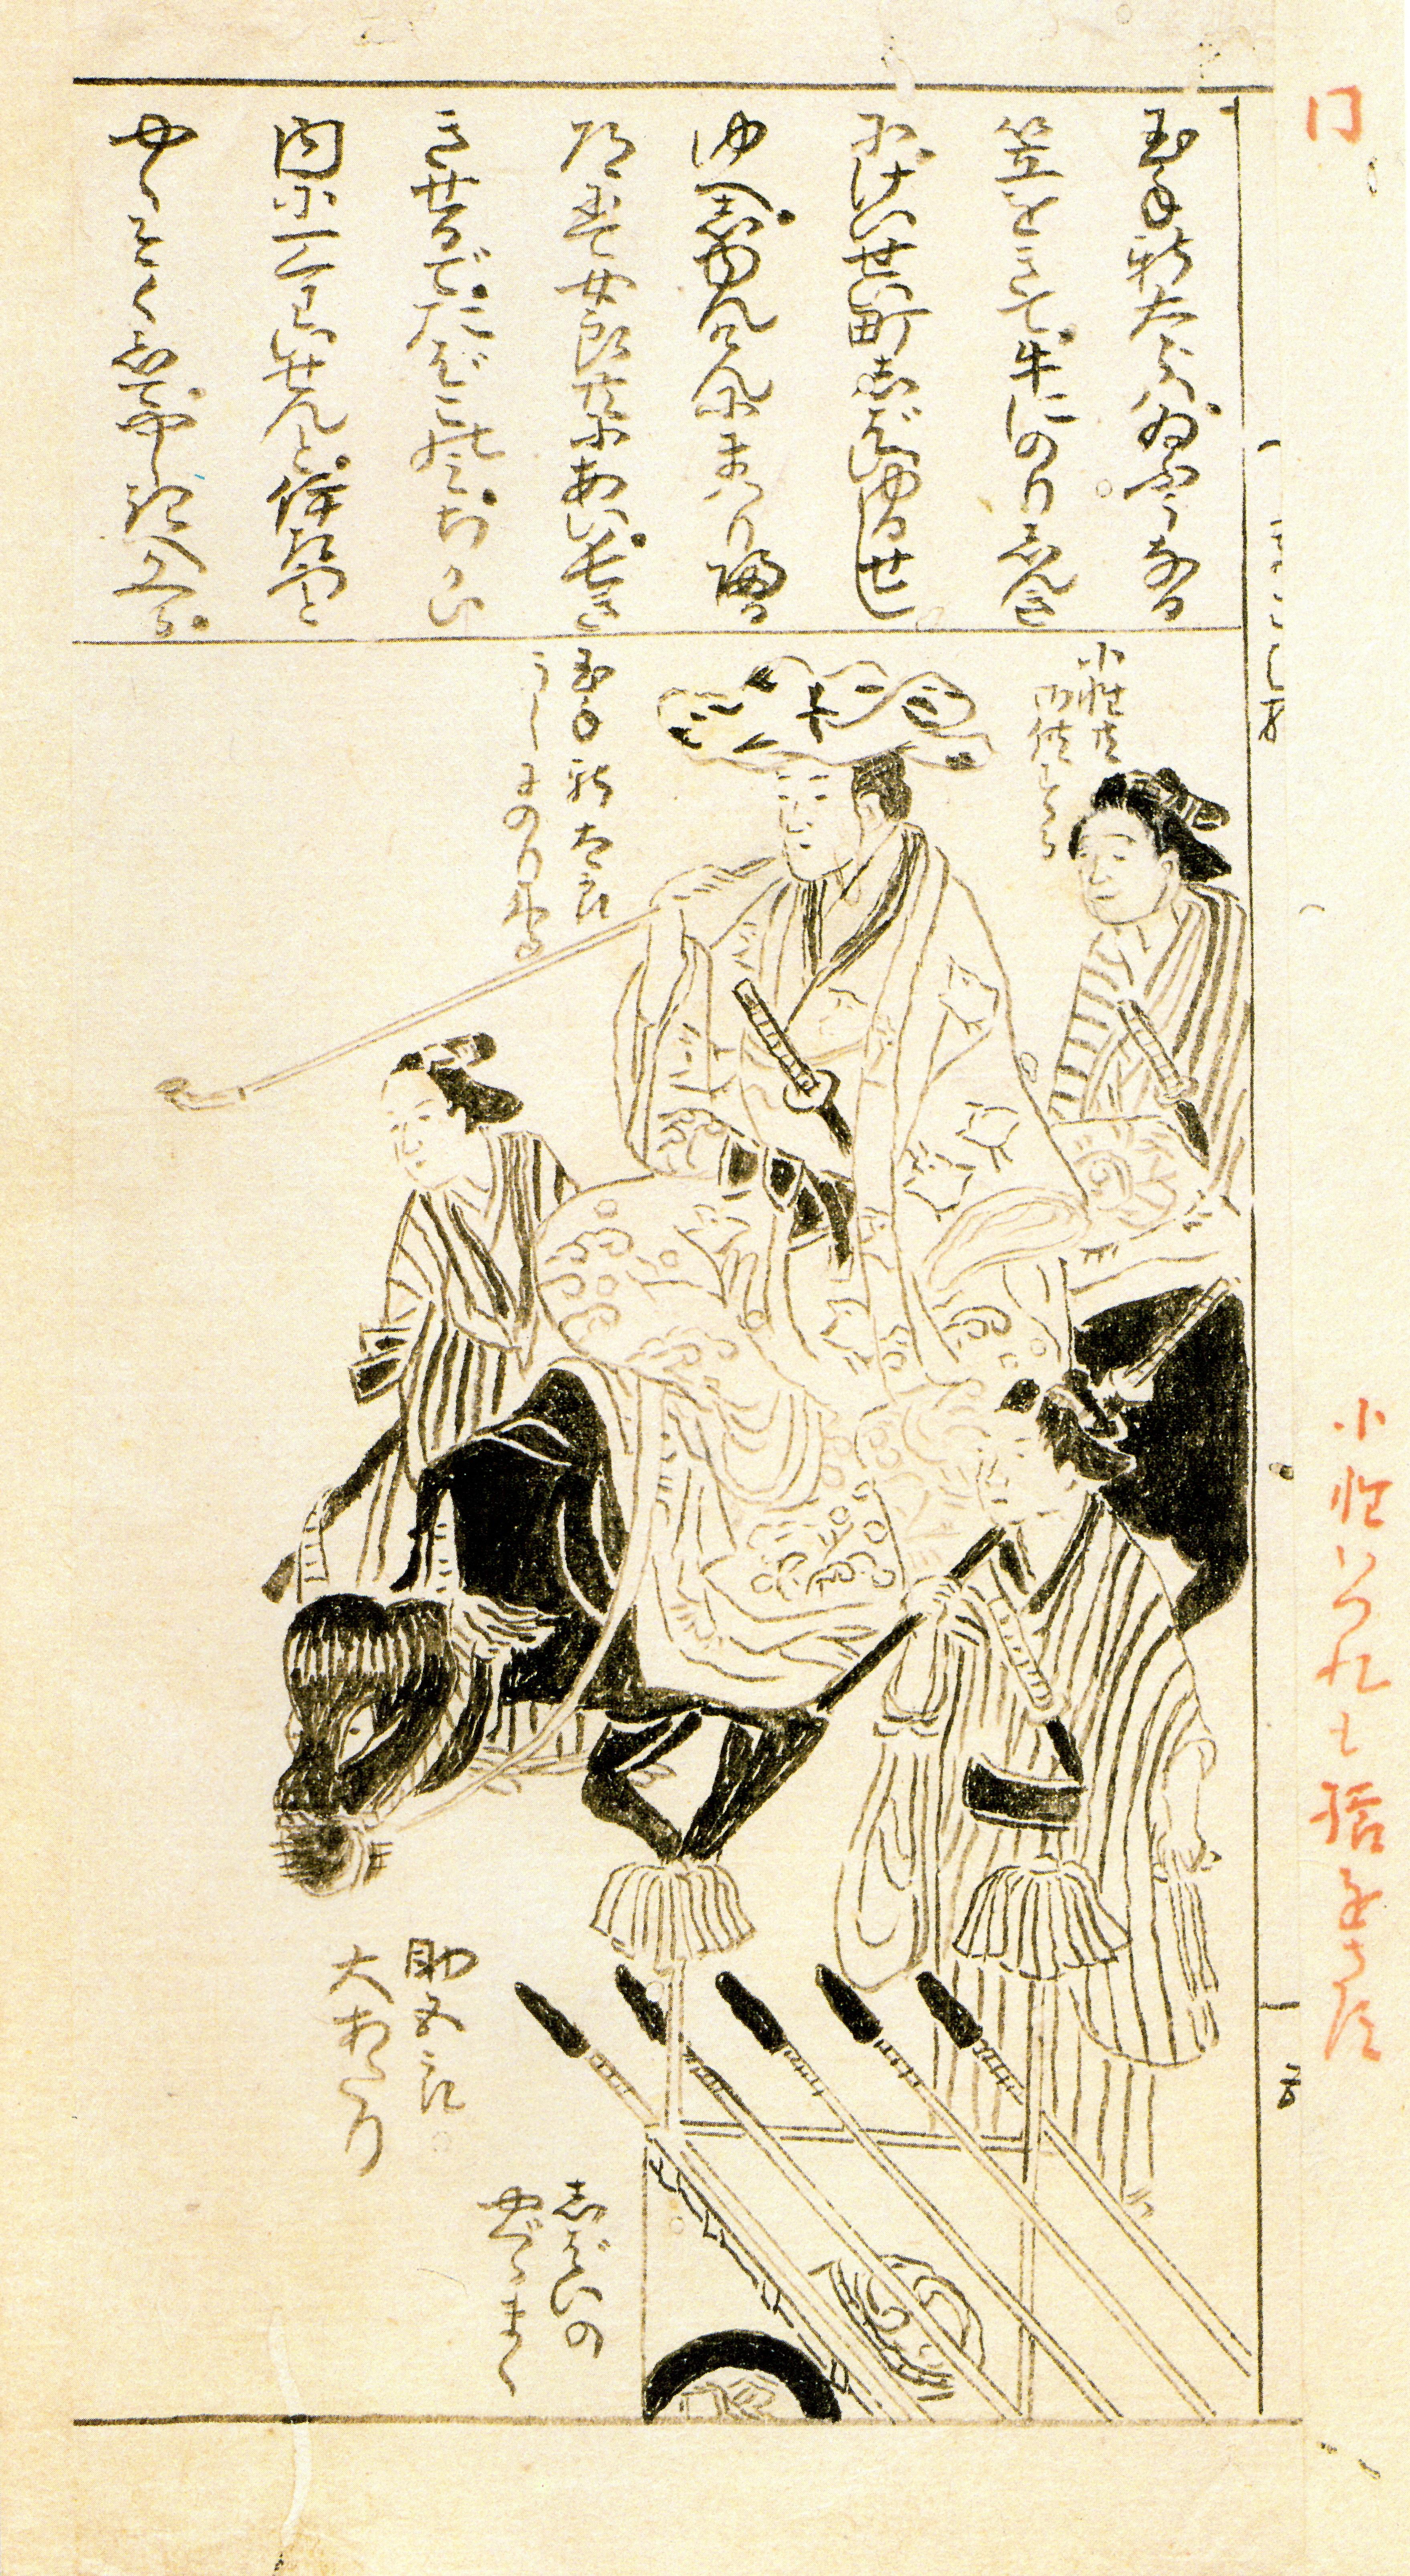 徳川宗春 - Wikipedia